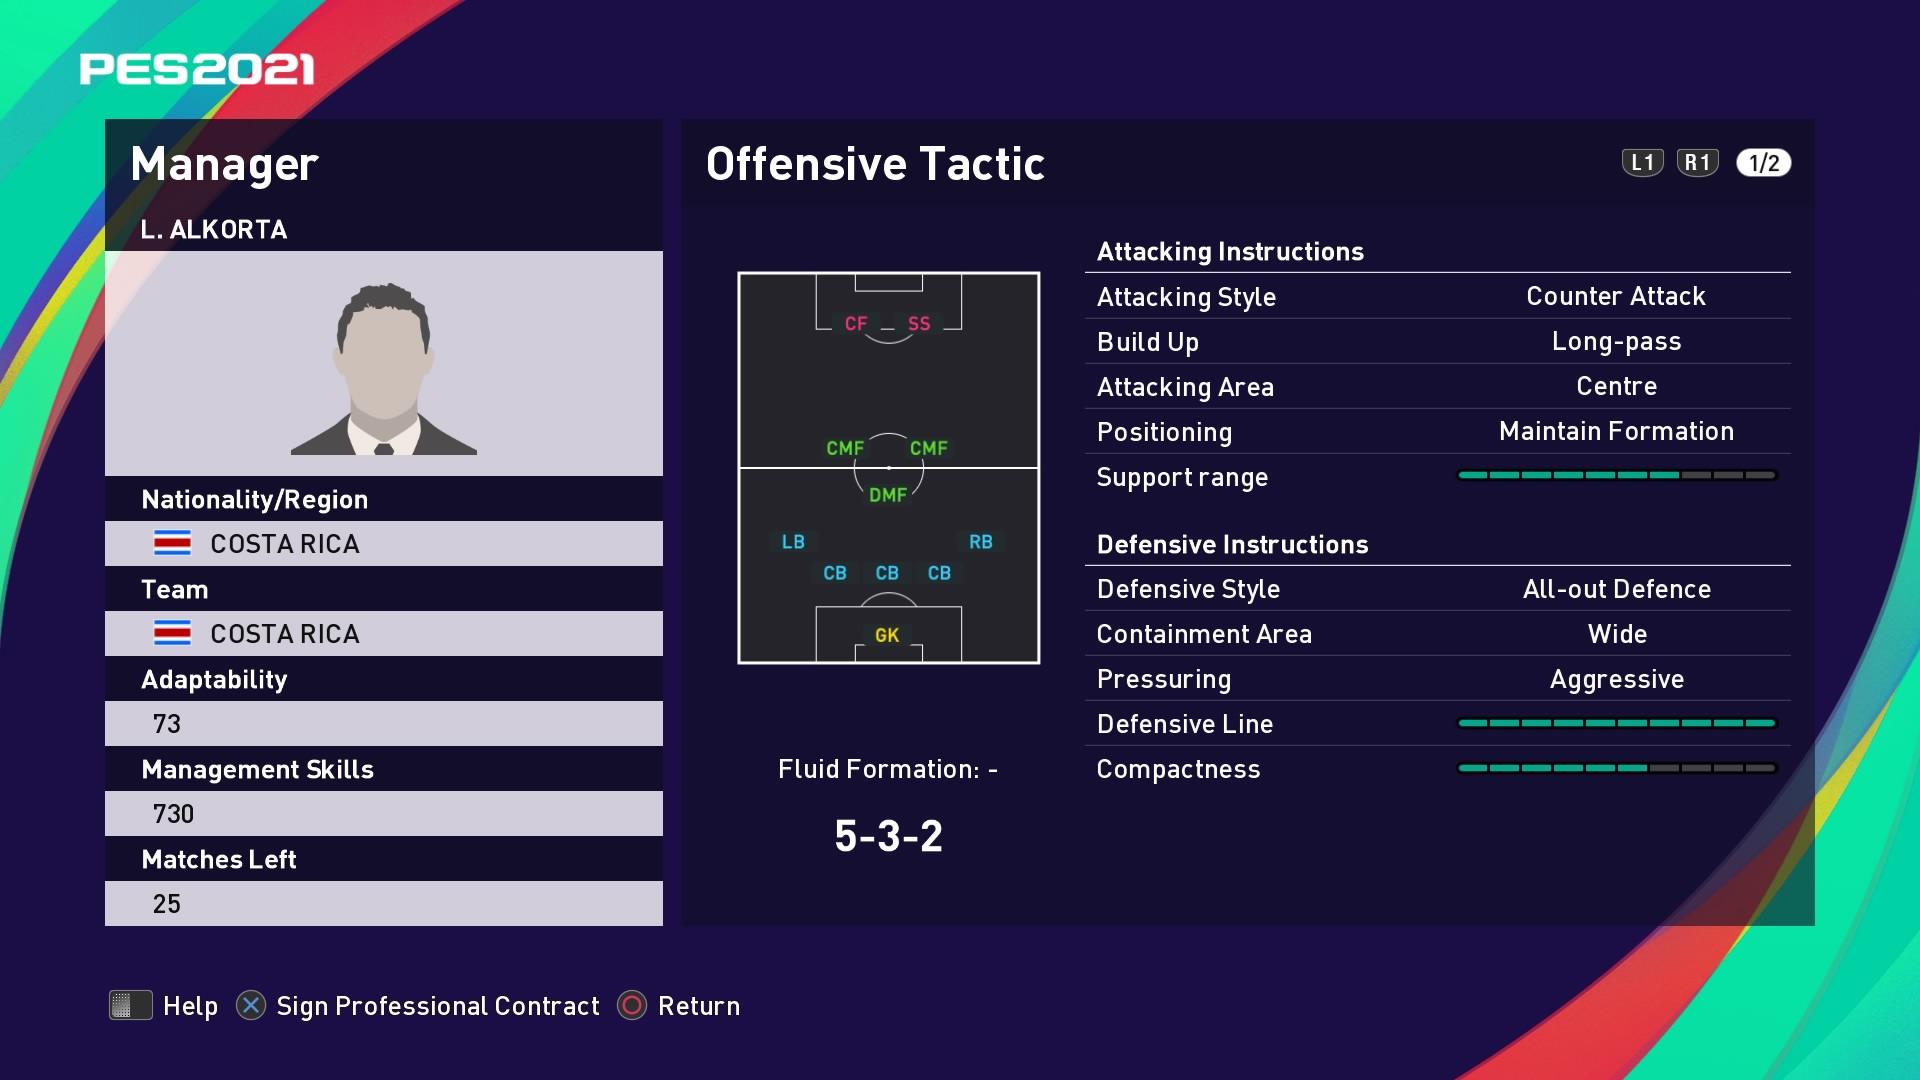 L. Alkorta (Rónald González Brenes) Offensive Tactic in PES 2021 myClub